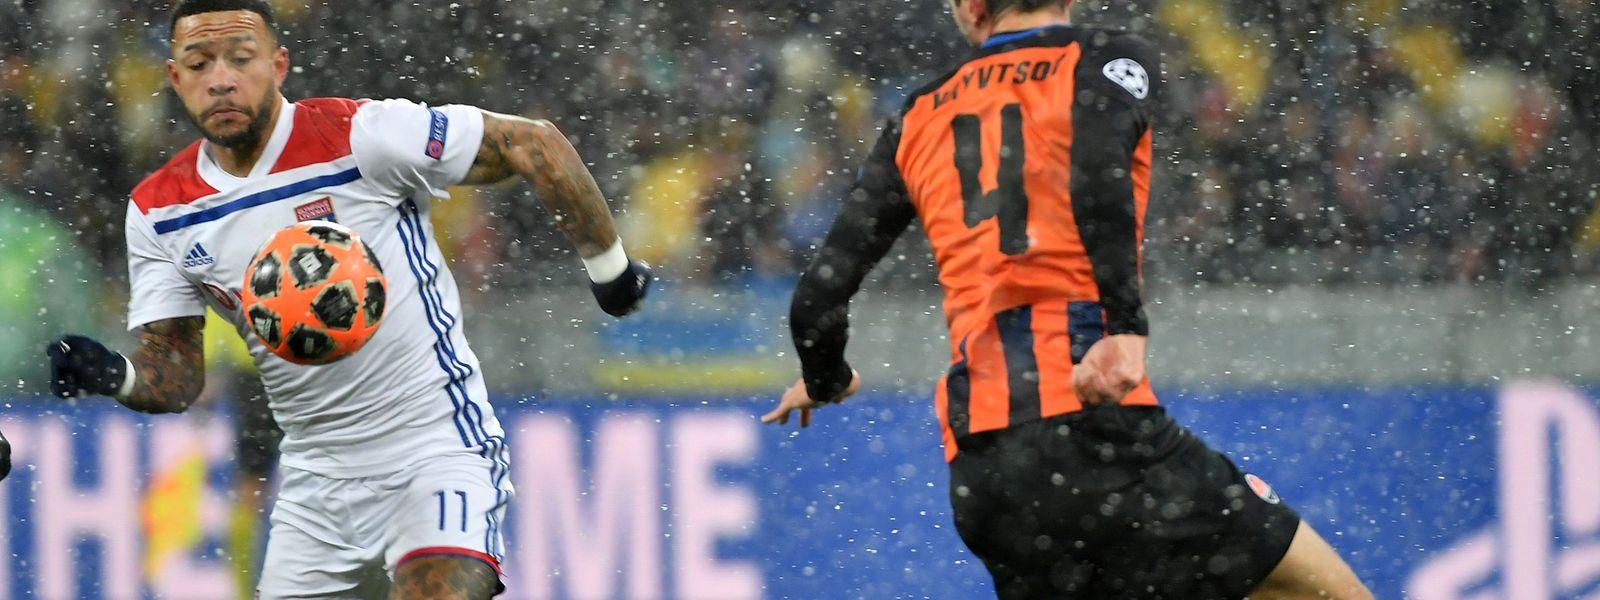 Le Néerlandais de l'Olympique Lyon, Memphis Depay contrôle le ballon devant le défenseur du Shakhtar Donetsk, Serhiy Kryvtsov